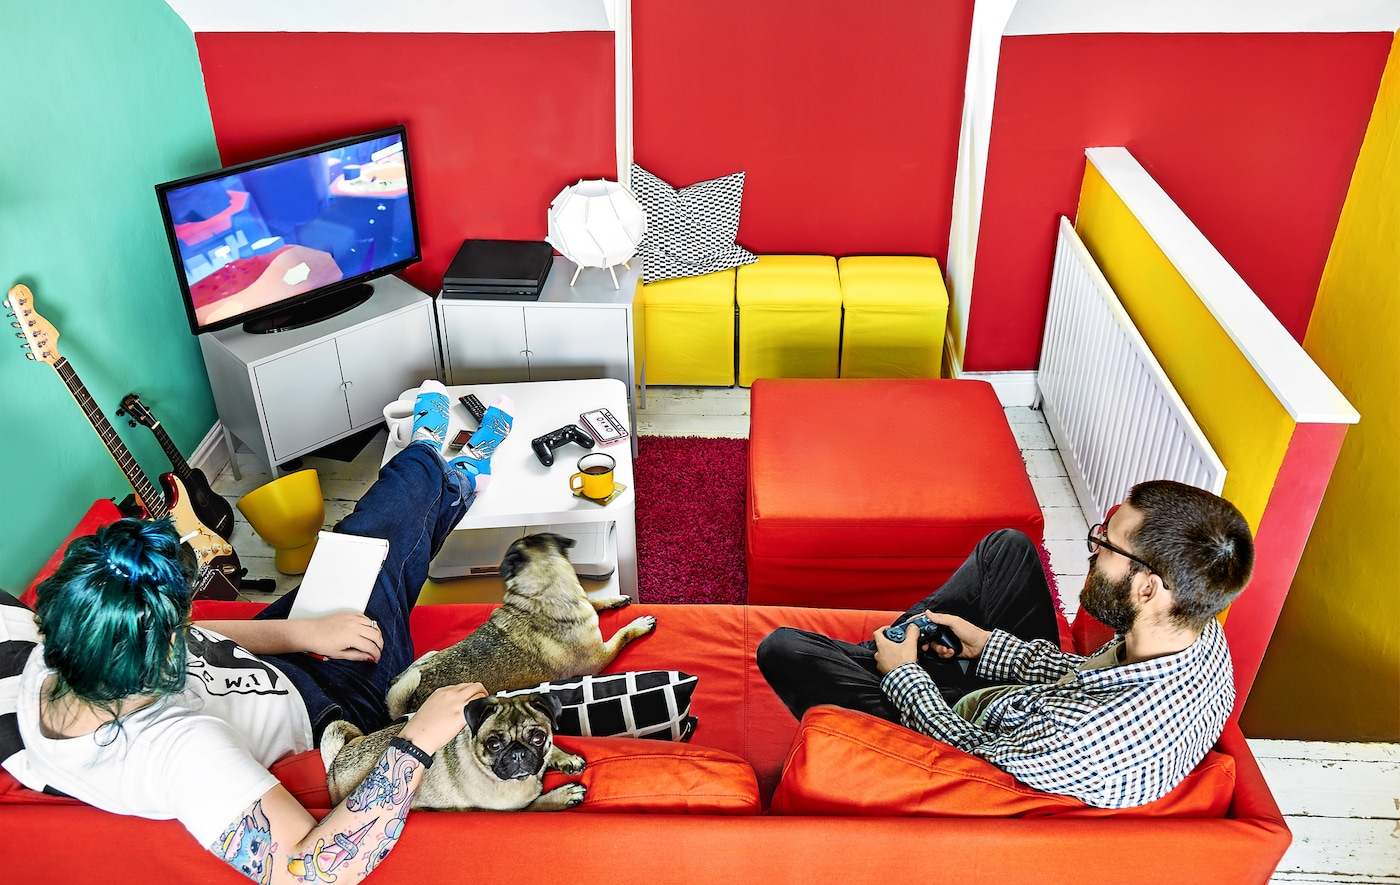 Ein bunt gestalteter Raum mit einem Sofa und einer Spielekonsole